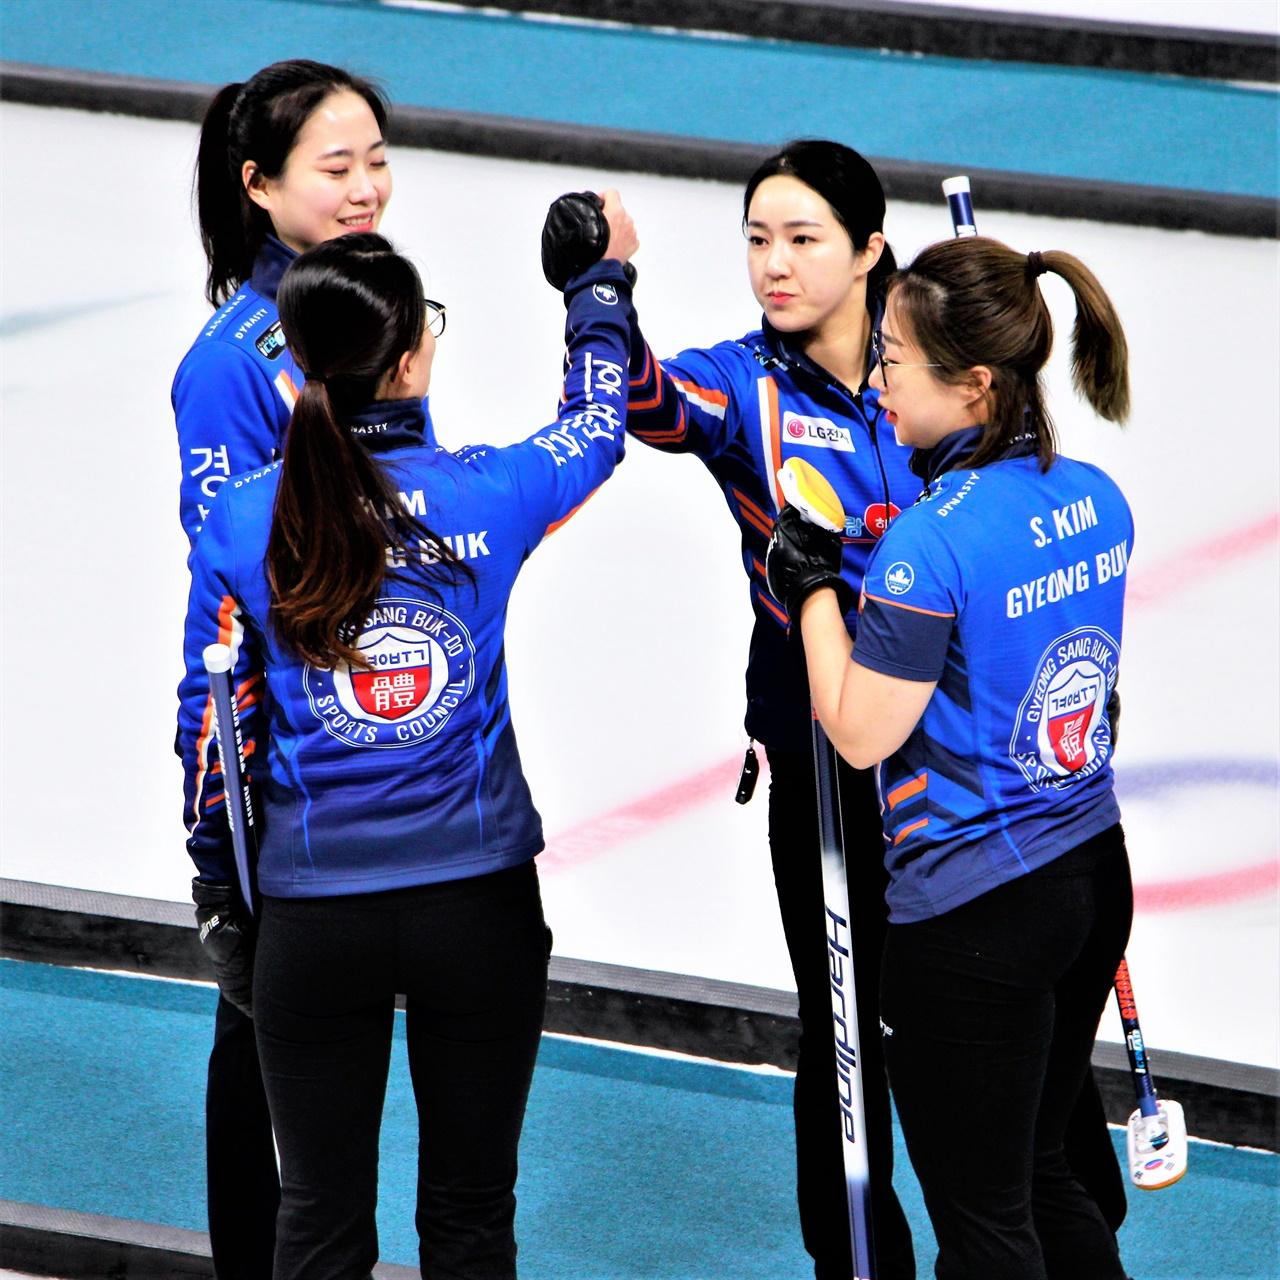 2020 한국선수권 예선 1위를 차지한 '팀 김은정' 선수들이 함께 하이파이브하고 있다.